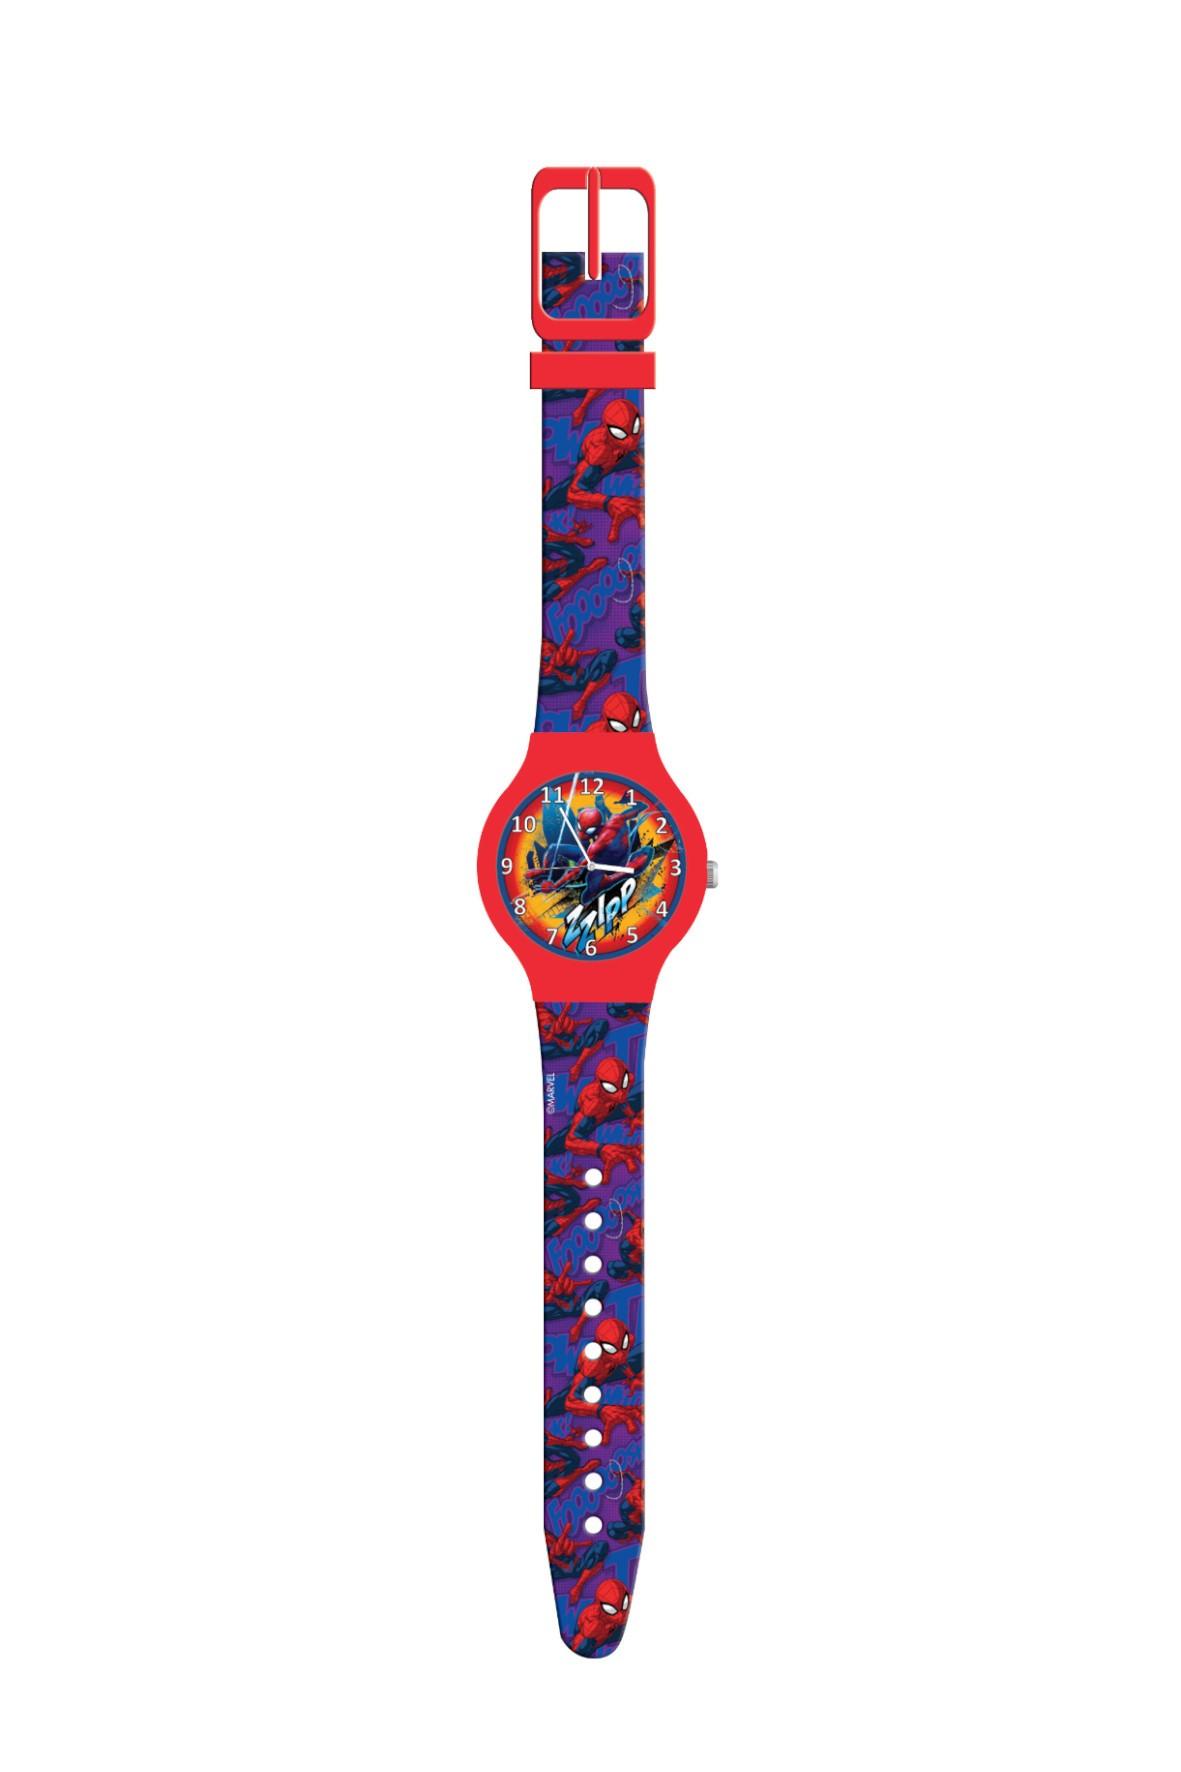 Zegarek analogowy w puszce SPIDERMAN